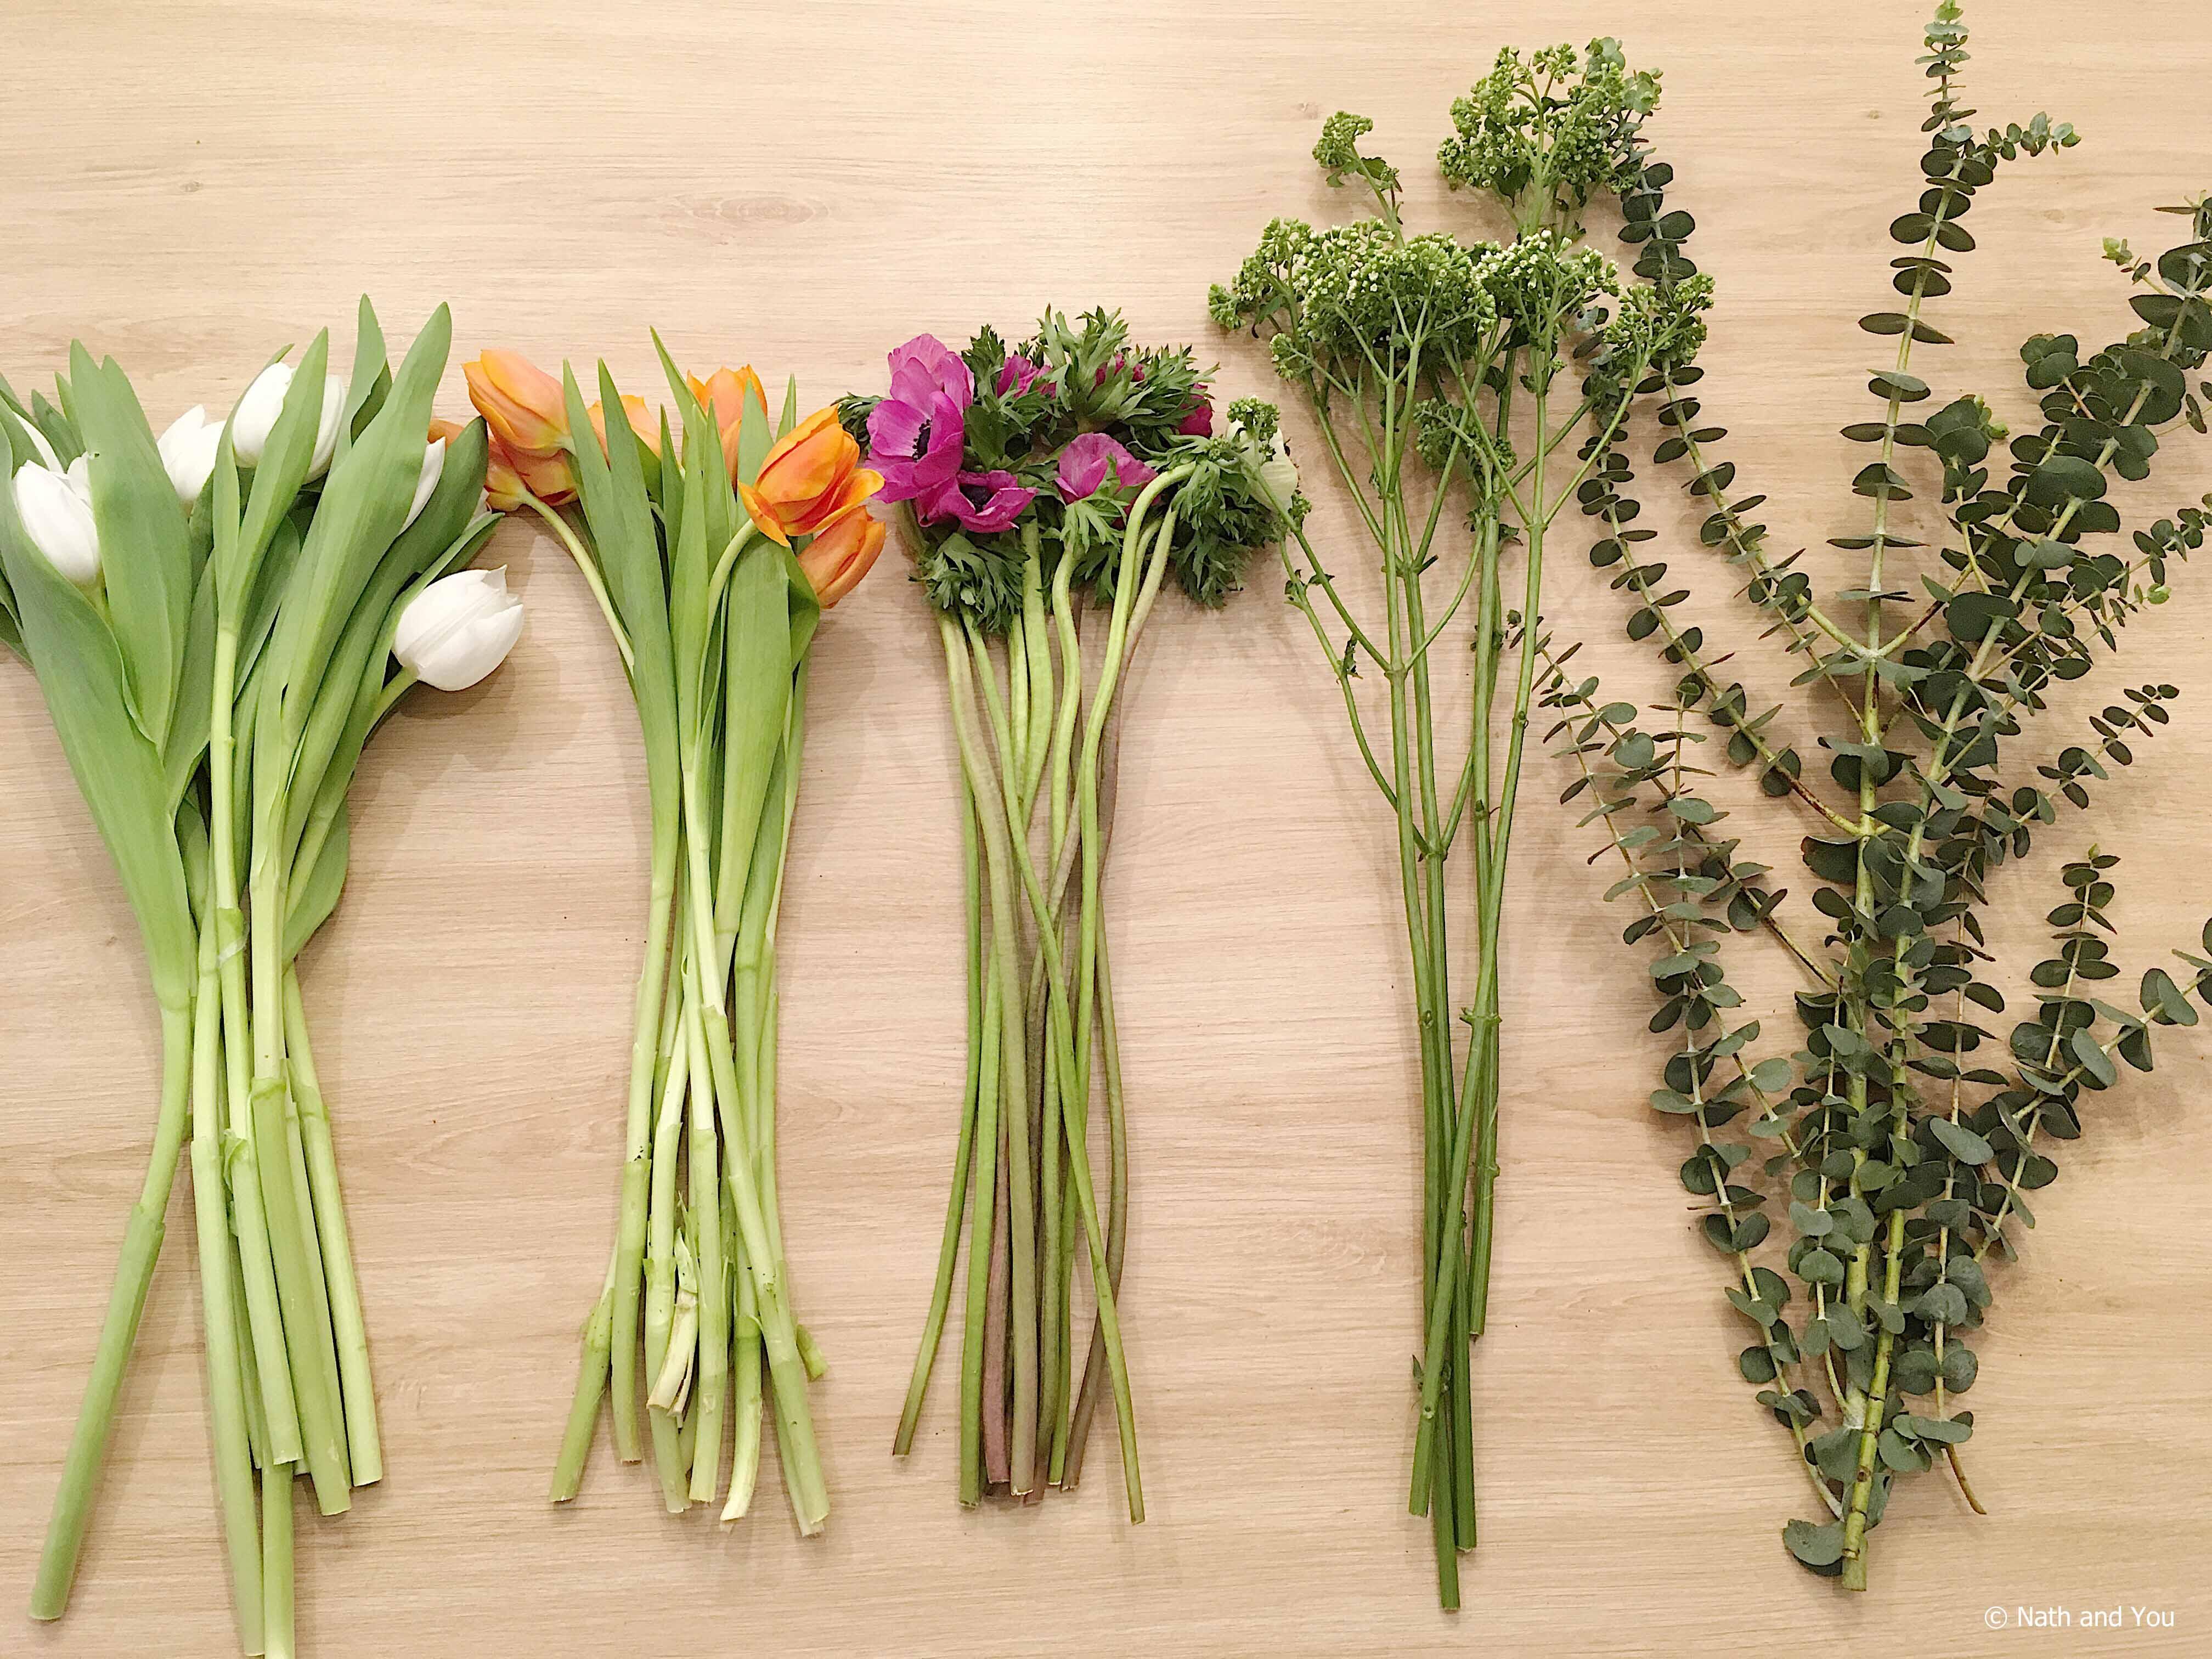 bloom 39 s des fleurs diy au rythme des saisons nath and you. Black Bedroom Furniture Sets. Home Design Ideas